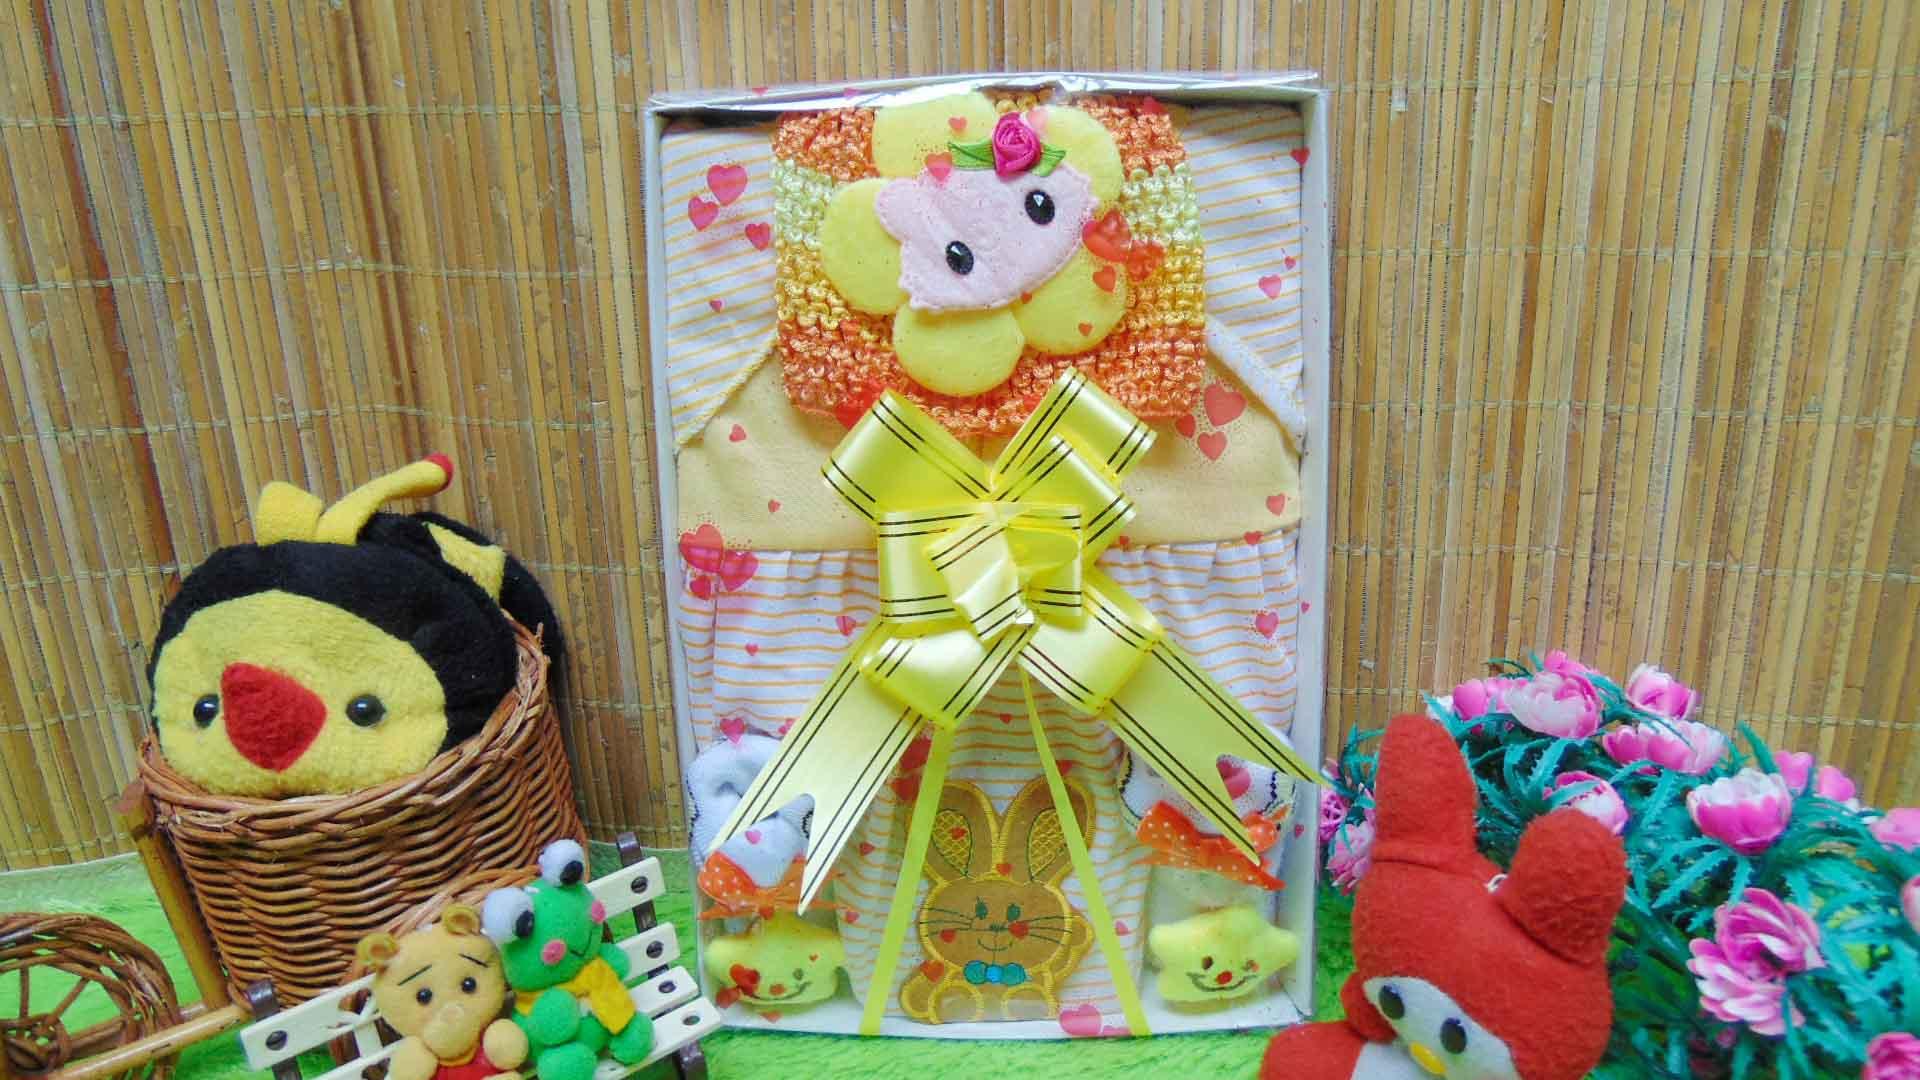 FREE KARTU UCAPAN Kado Lahiran Box Paket Kado Bayi Perempuan Cewek Baby Gift Dress Kuning n Baby Sock 60 terdiri Dress bayi 0-9bln,turban,dan kaos kaki bayi boneka